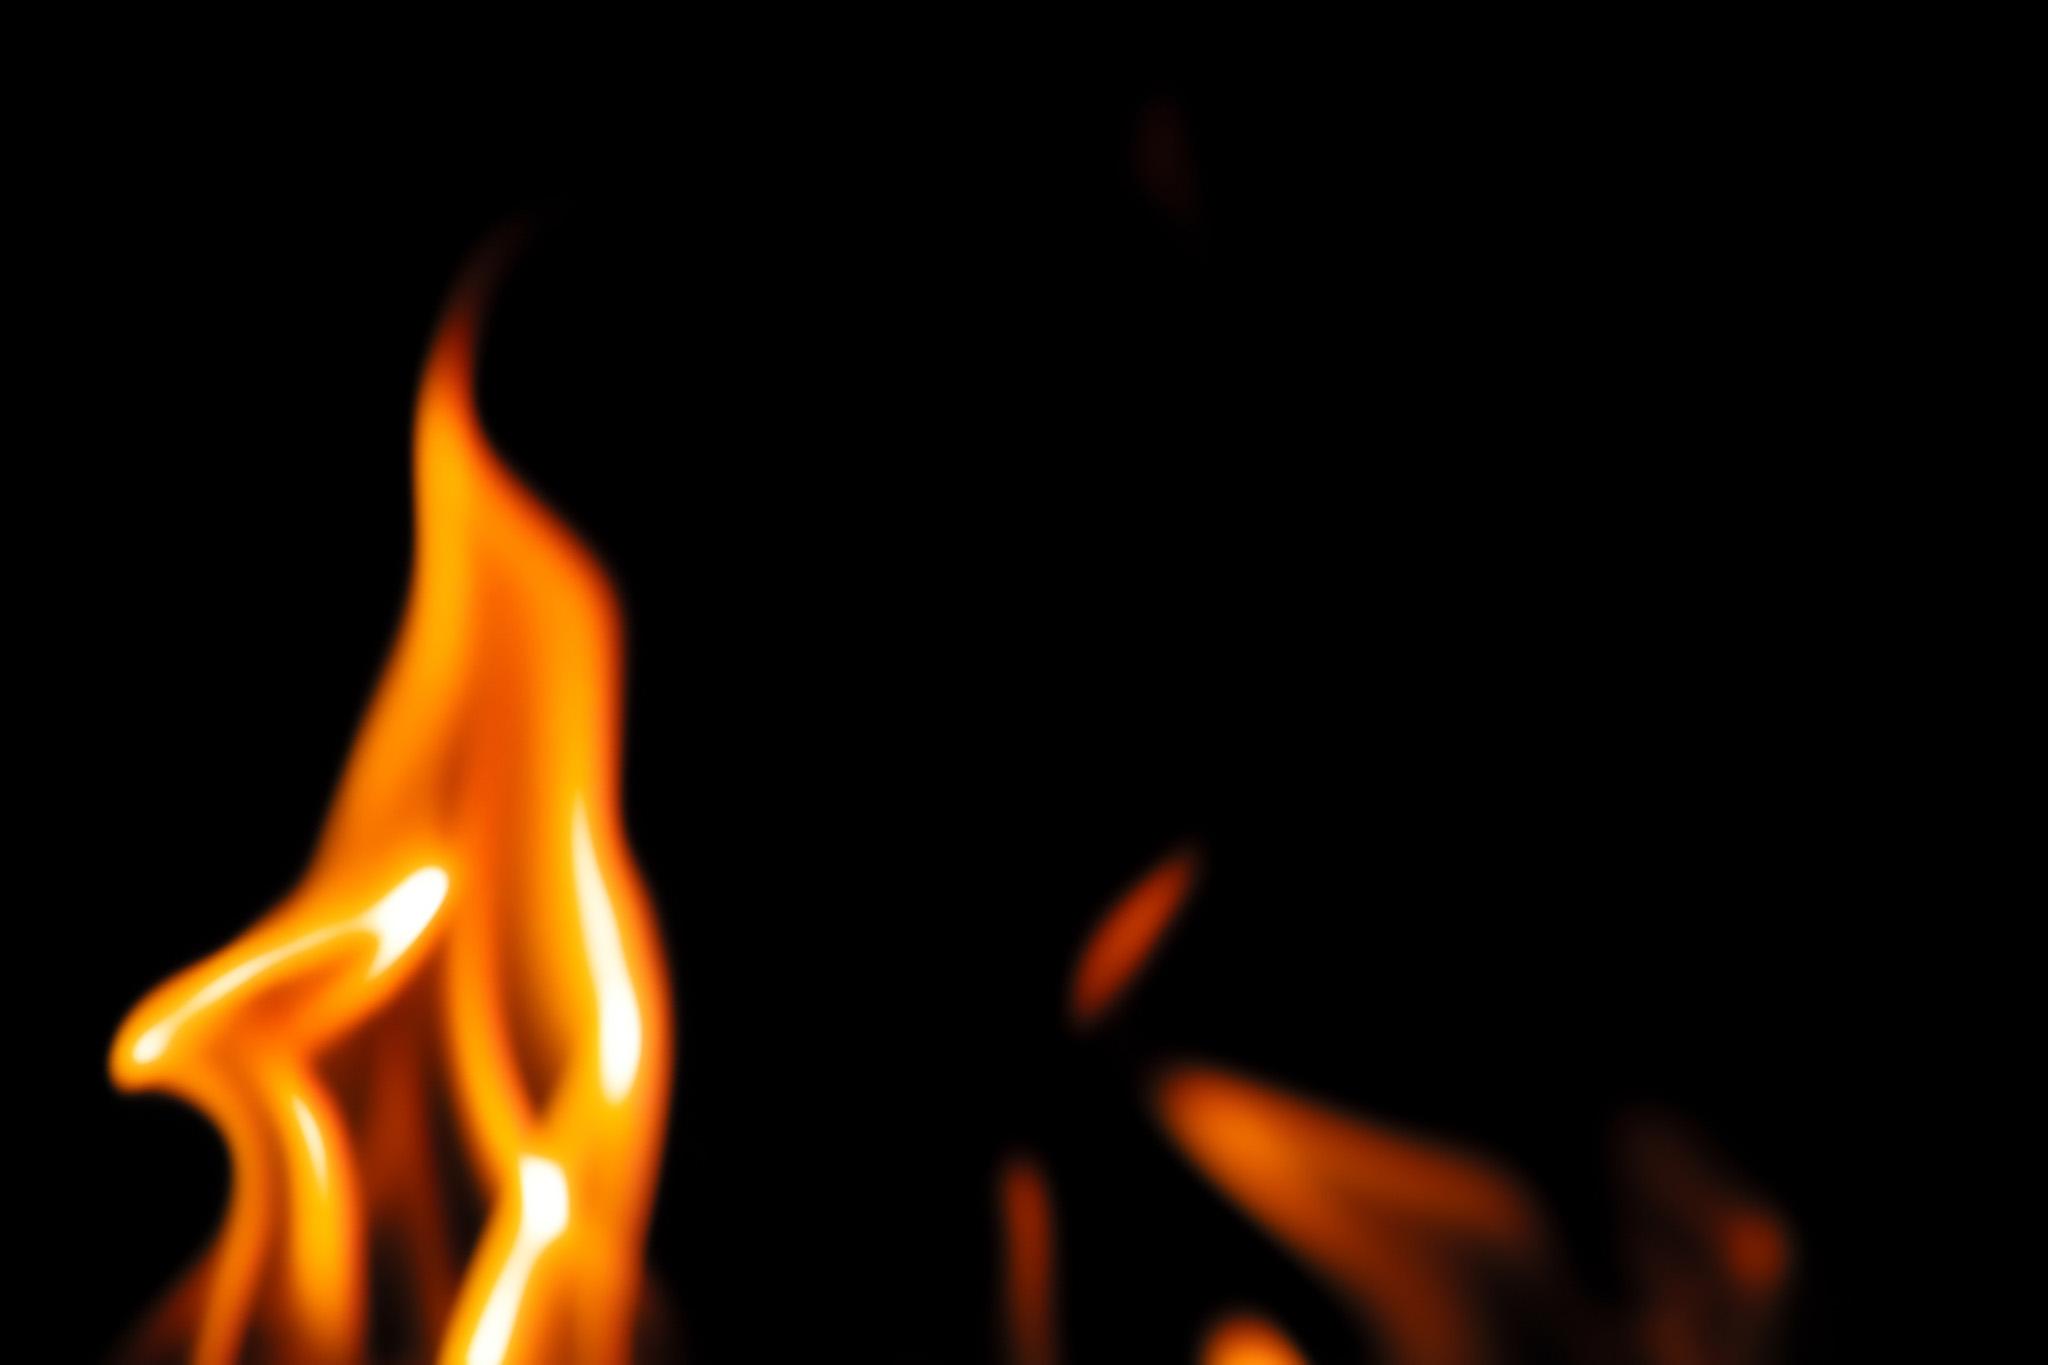 「火と炎」の背景を無料ダウンロード